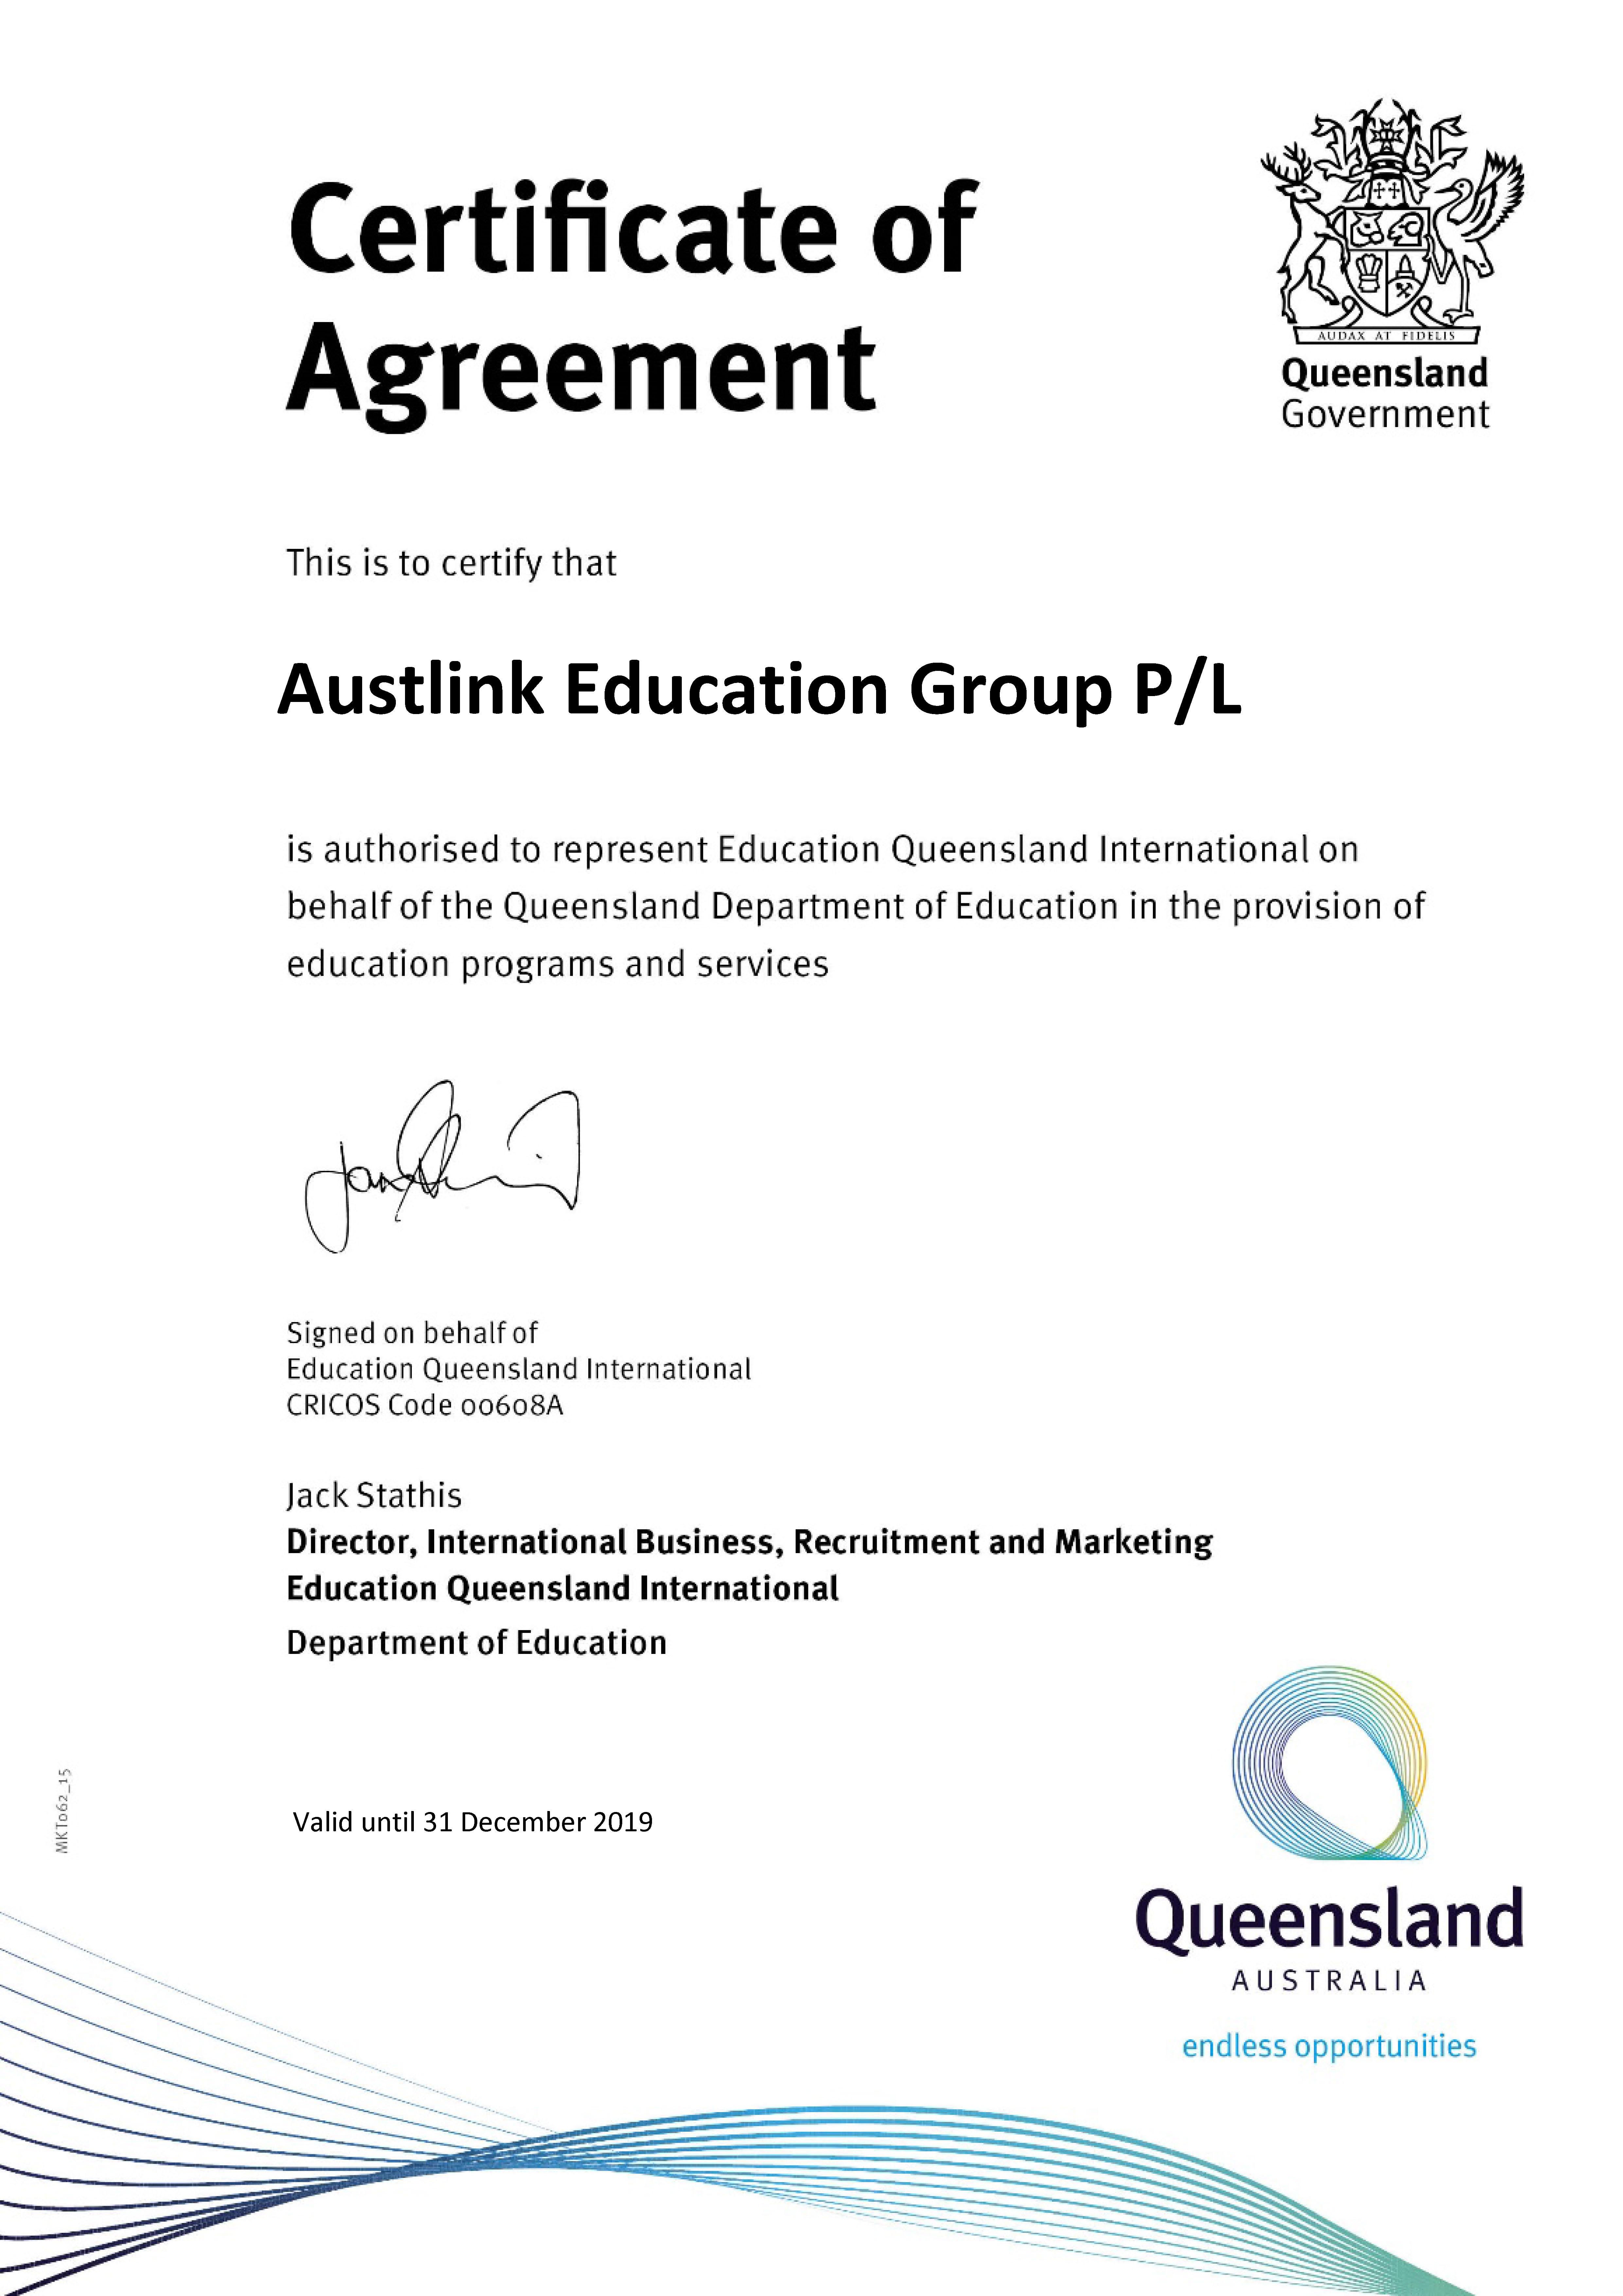 澳大利亚昆士兰洲政府中学官方代理